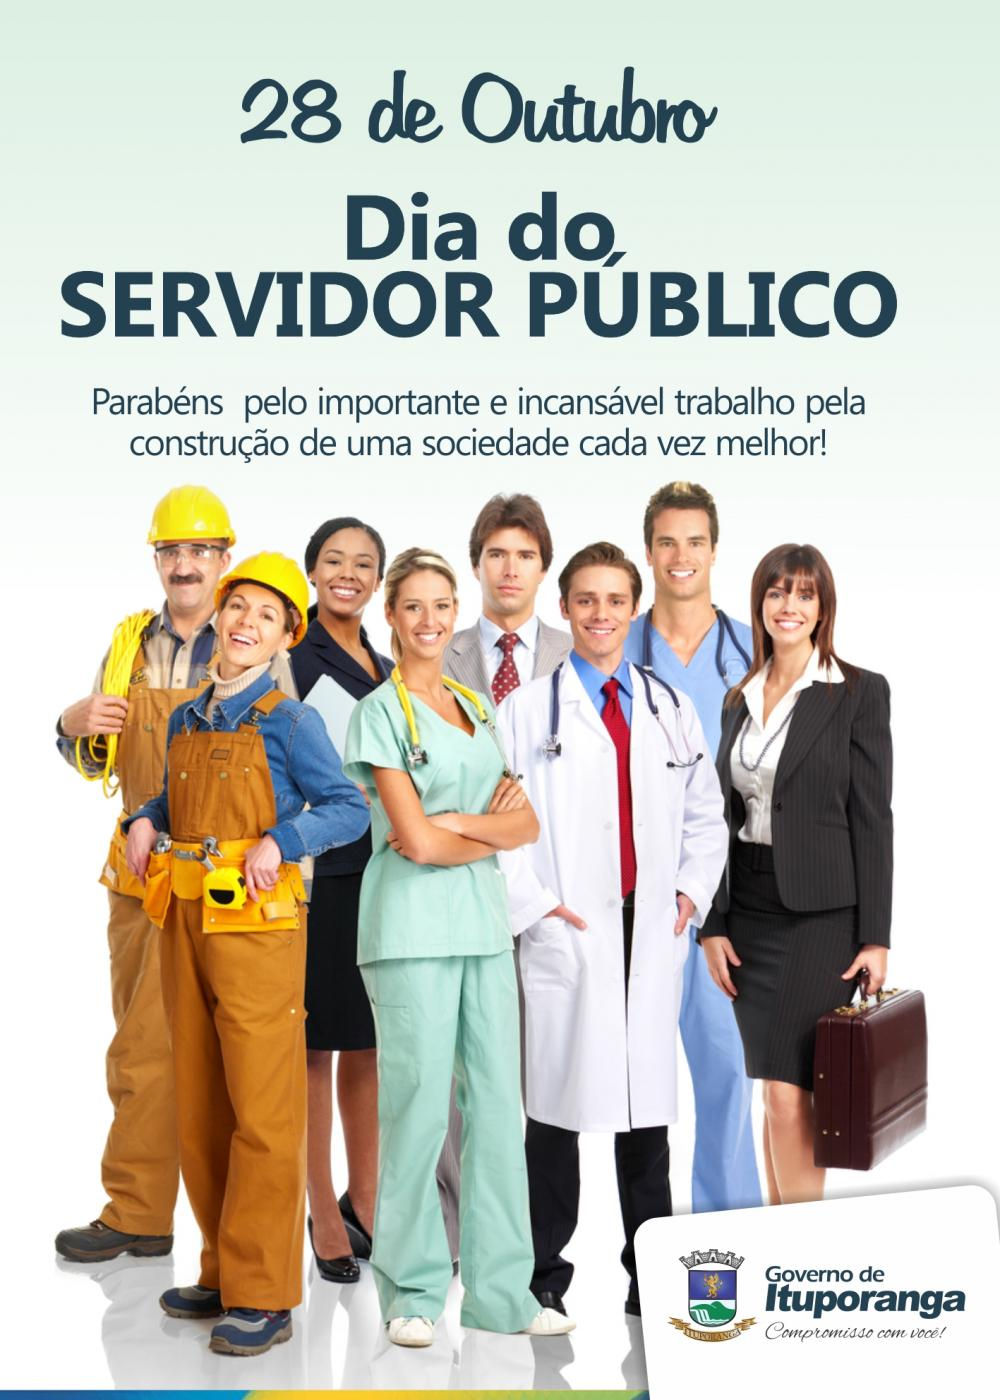 Prefeitura decreta ponto facultativo em alusão ao Dia do Servidor Público